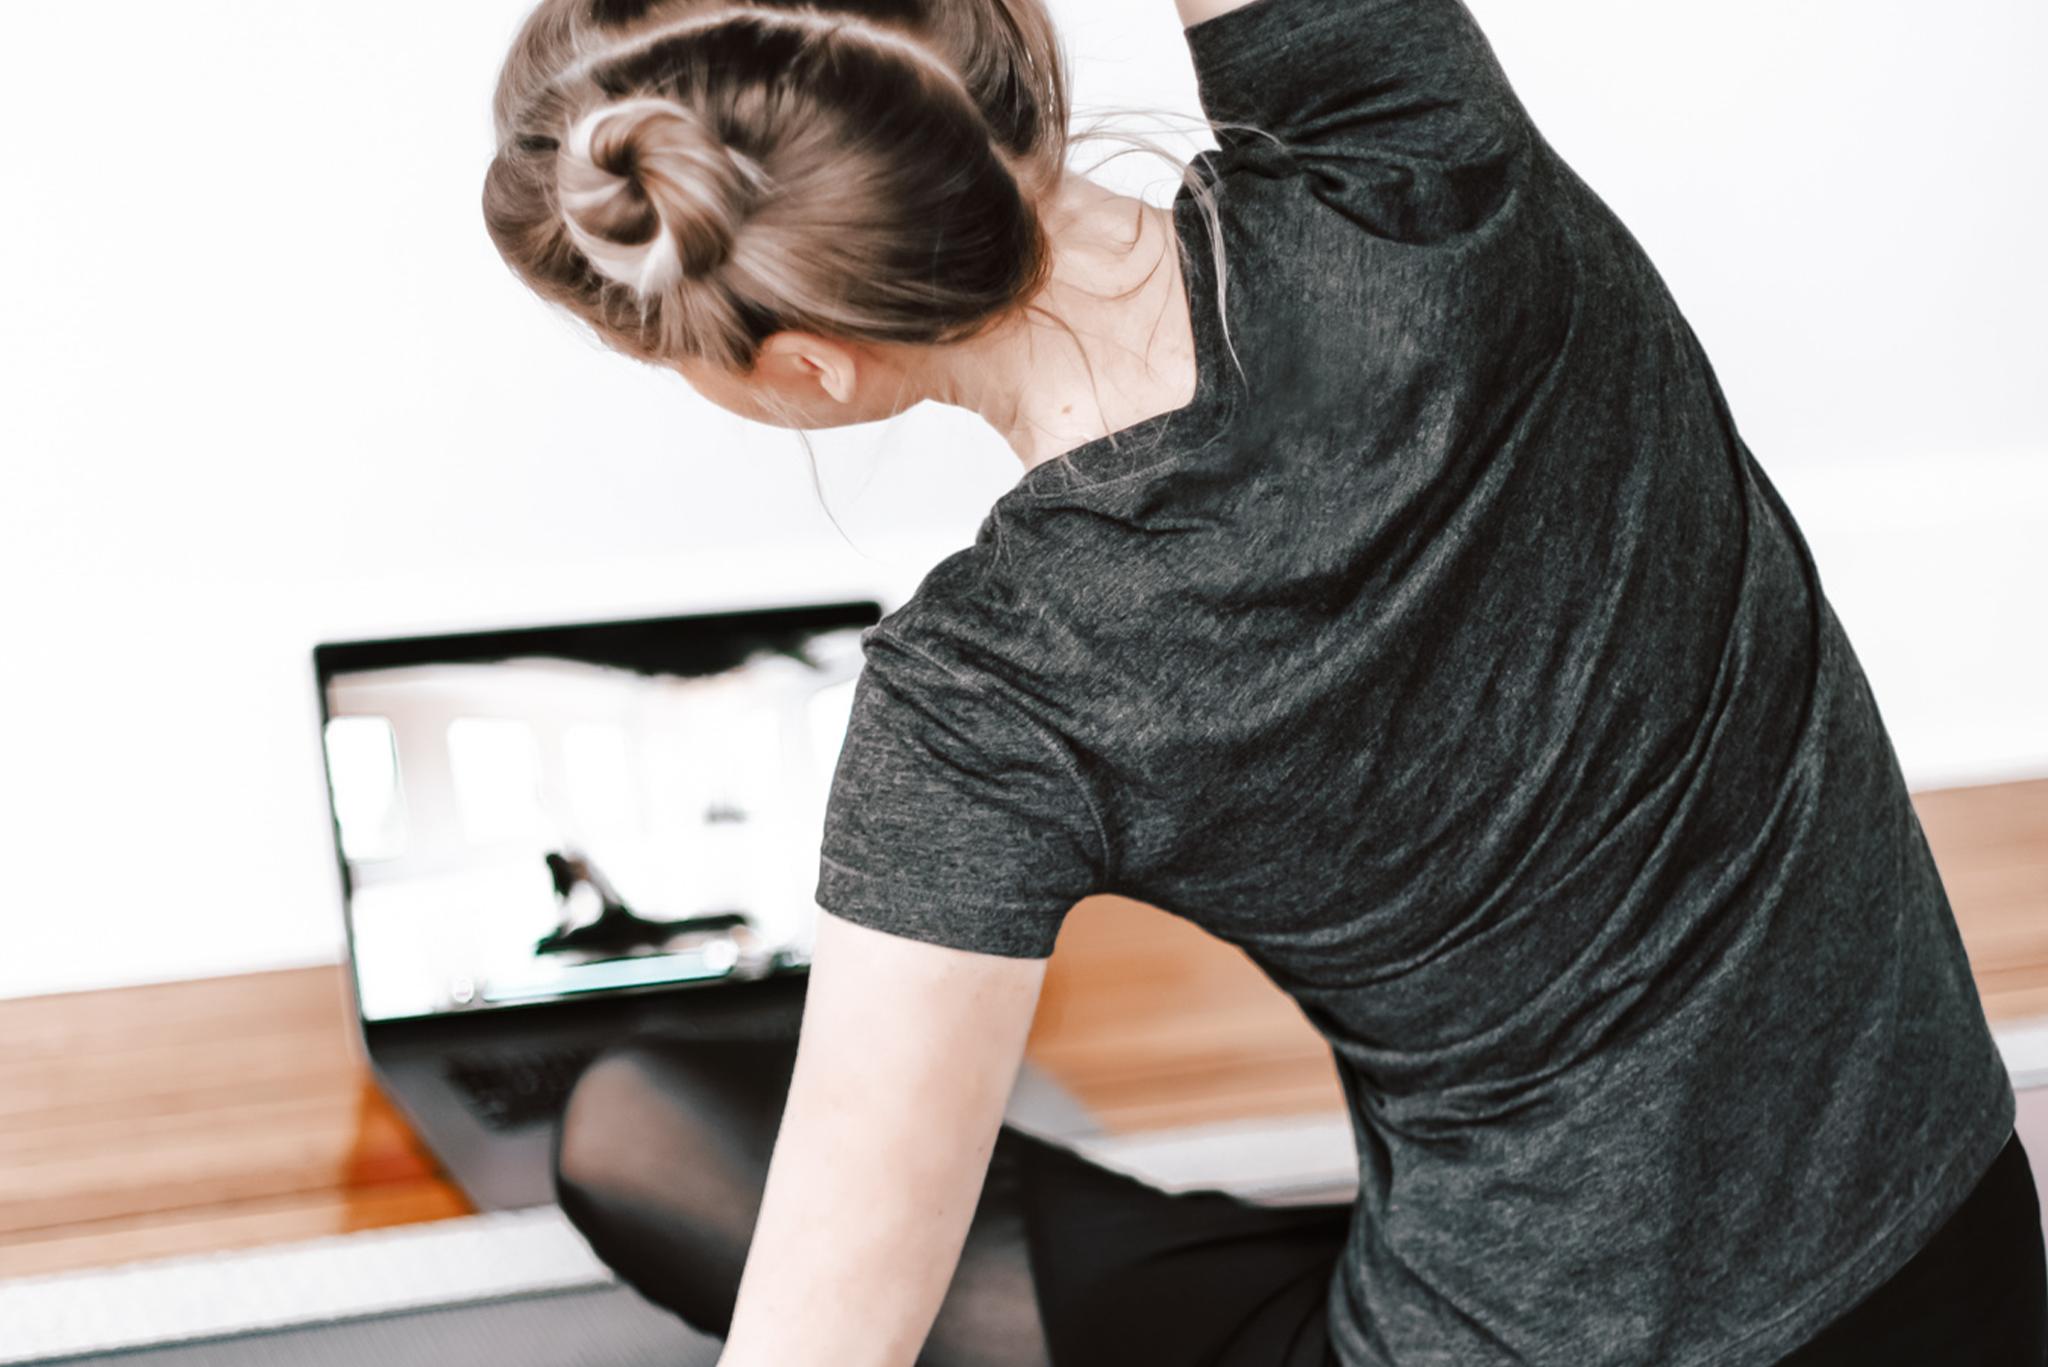 Fitnessstudio Zuhause: So einfach geht's